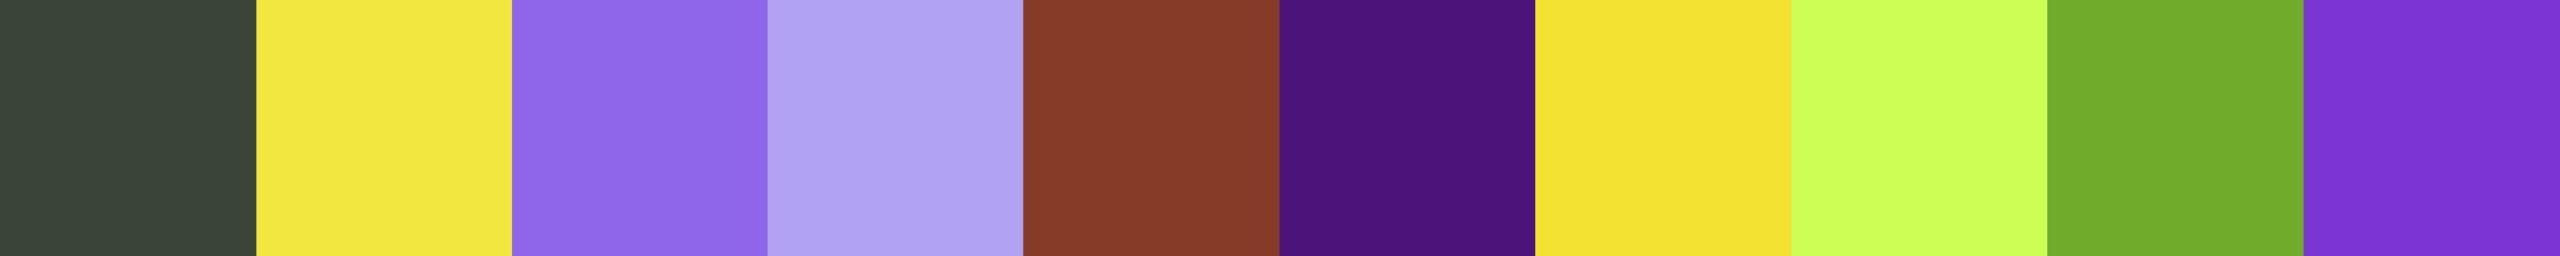 458 Loudia Color Palette